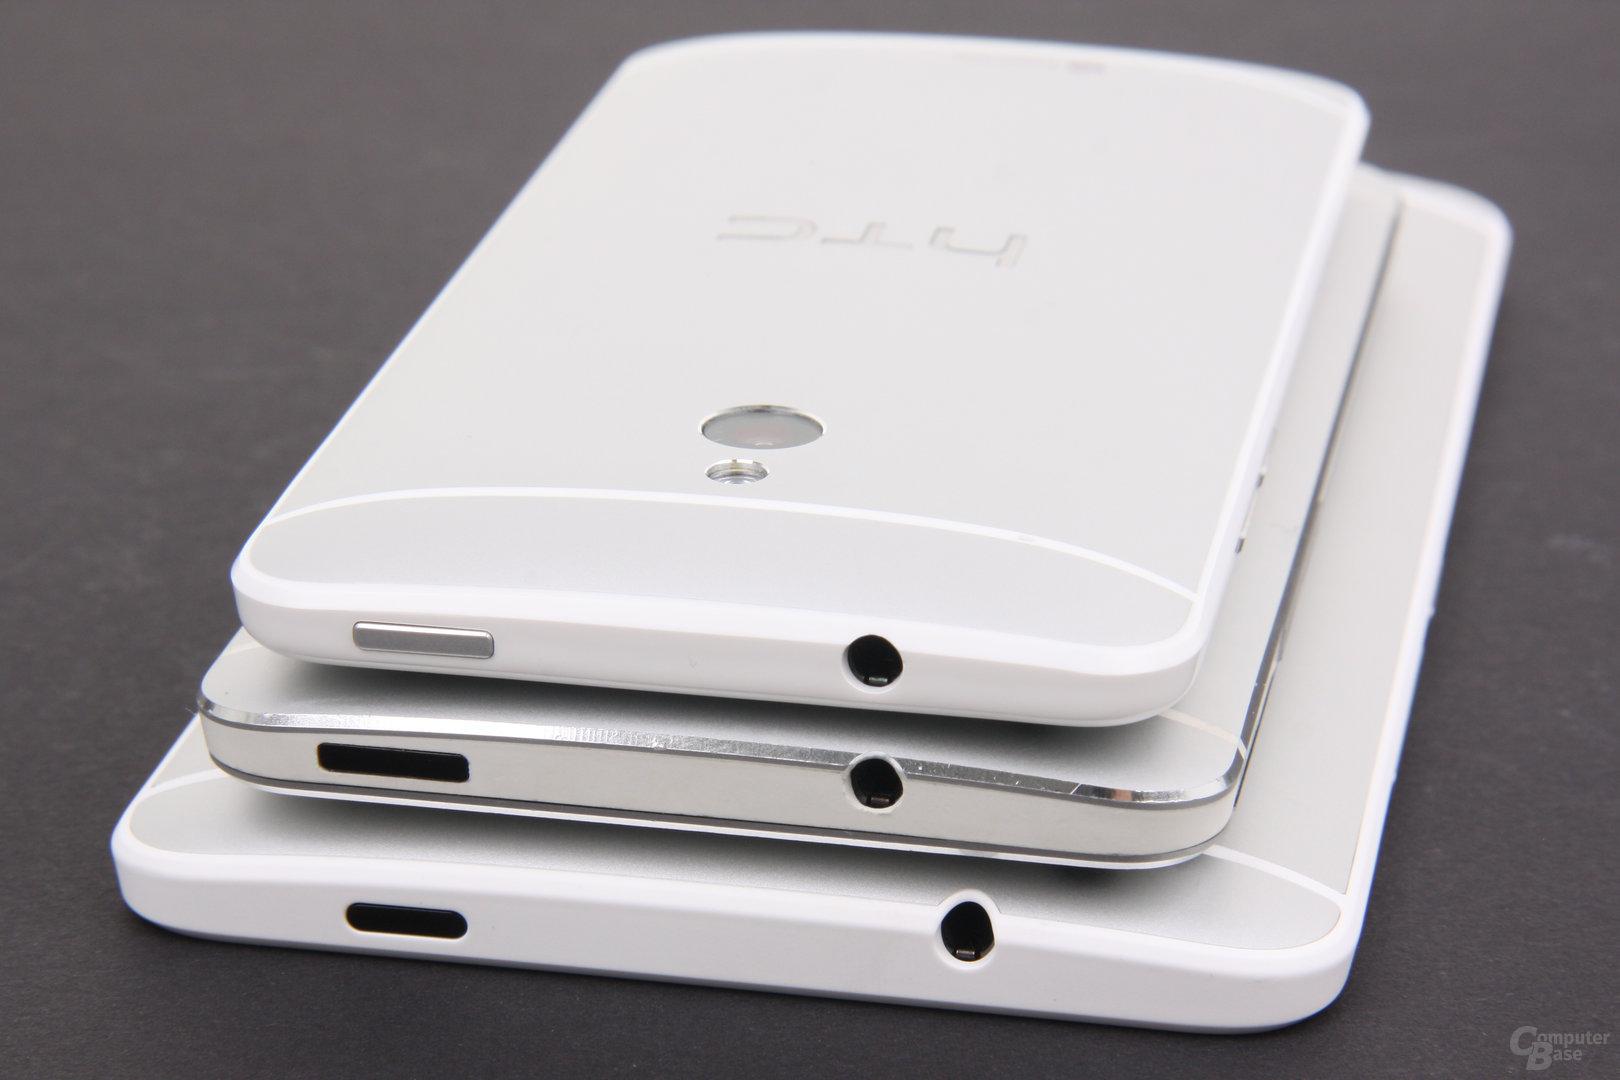 HTC One max / One / One mini